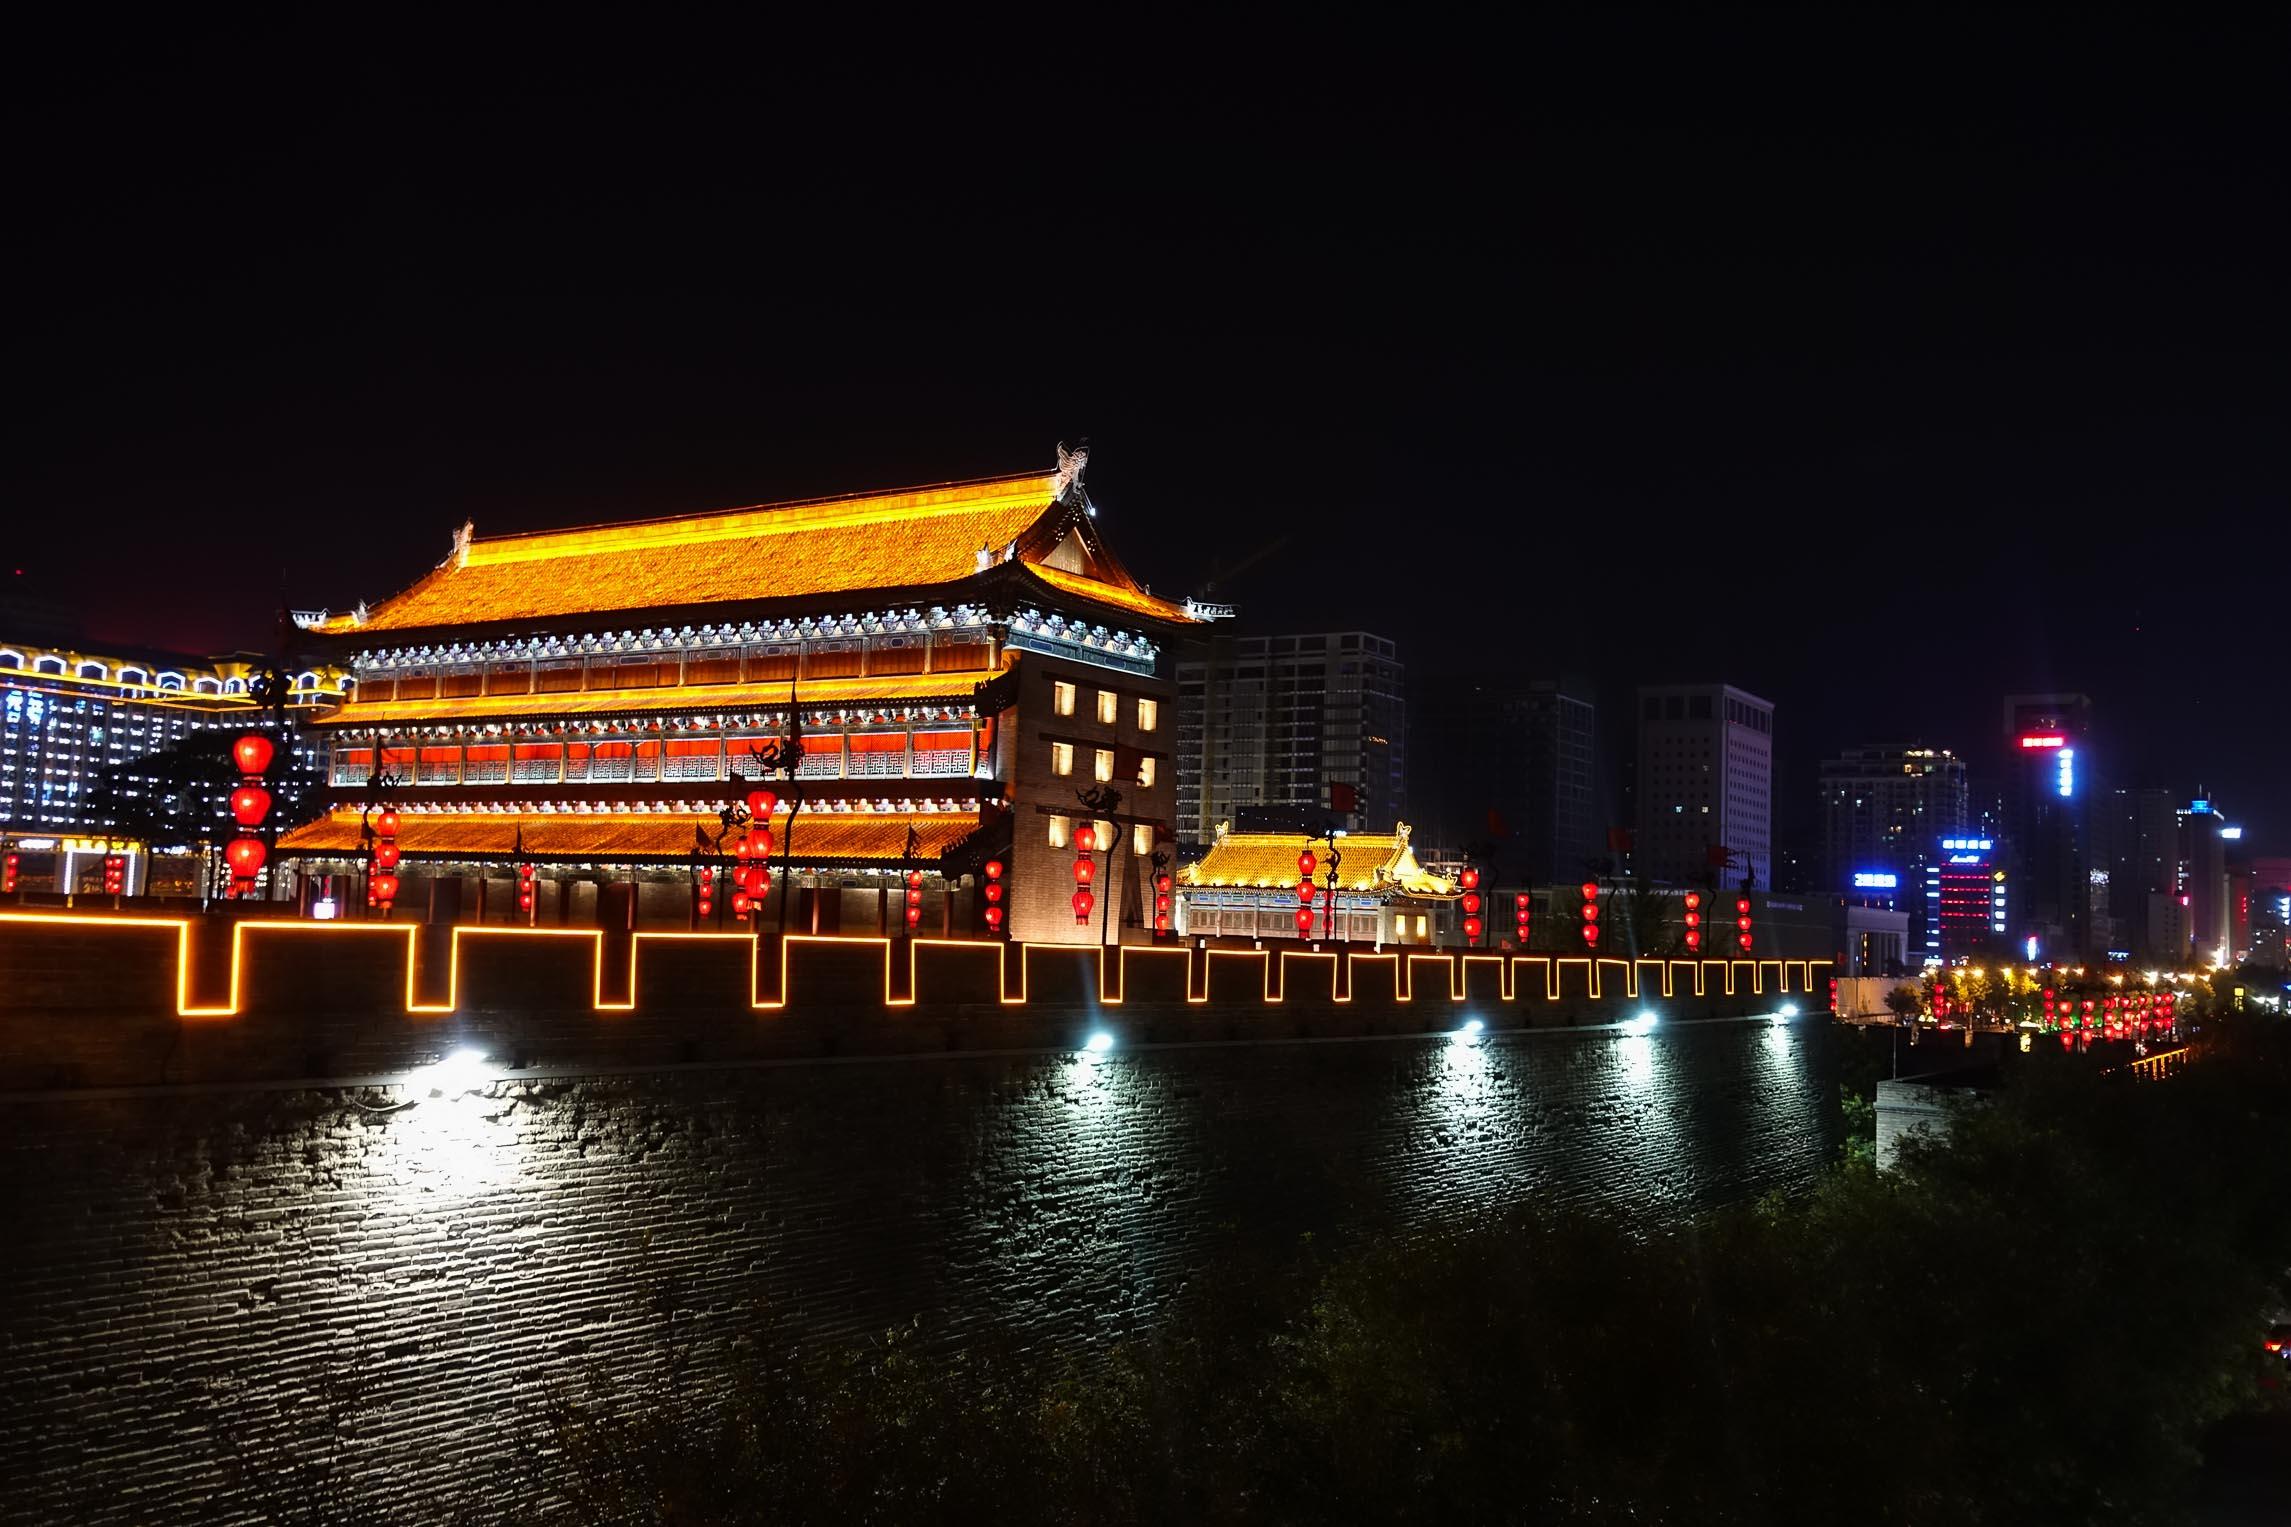 Xi'an ancient city walls